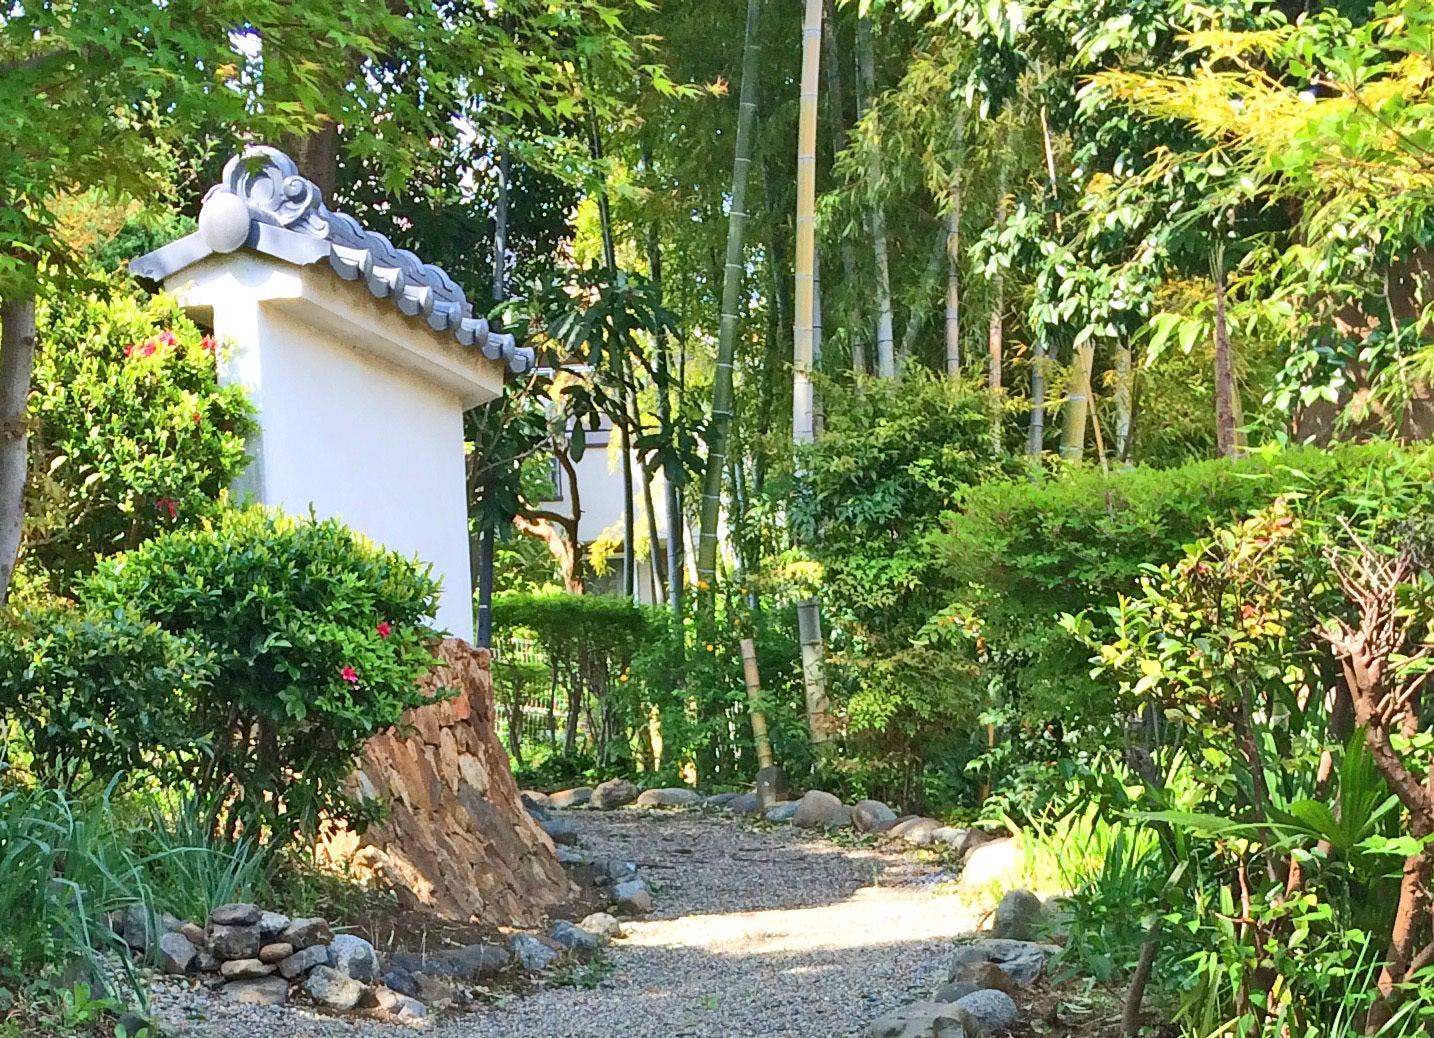 日本庭園と古民家貸切★25人以上可★高速道路、国道からも2分★映画★CM★雑誌撮影★披露宴★合宿 のサムネイル